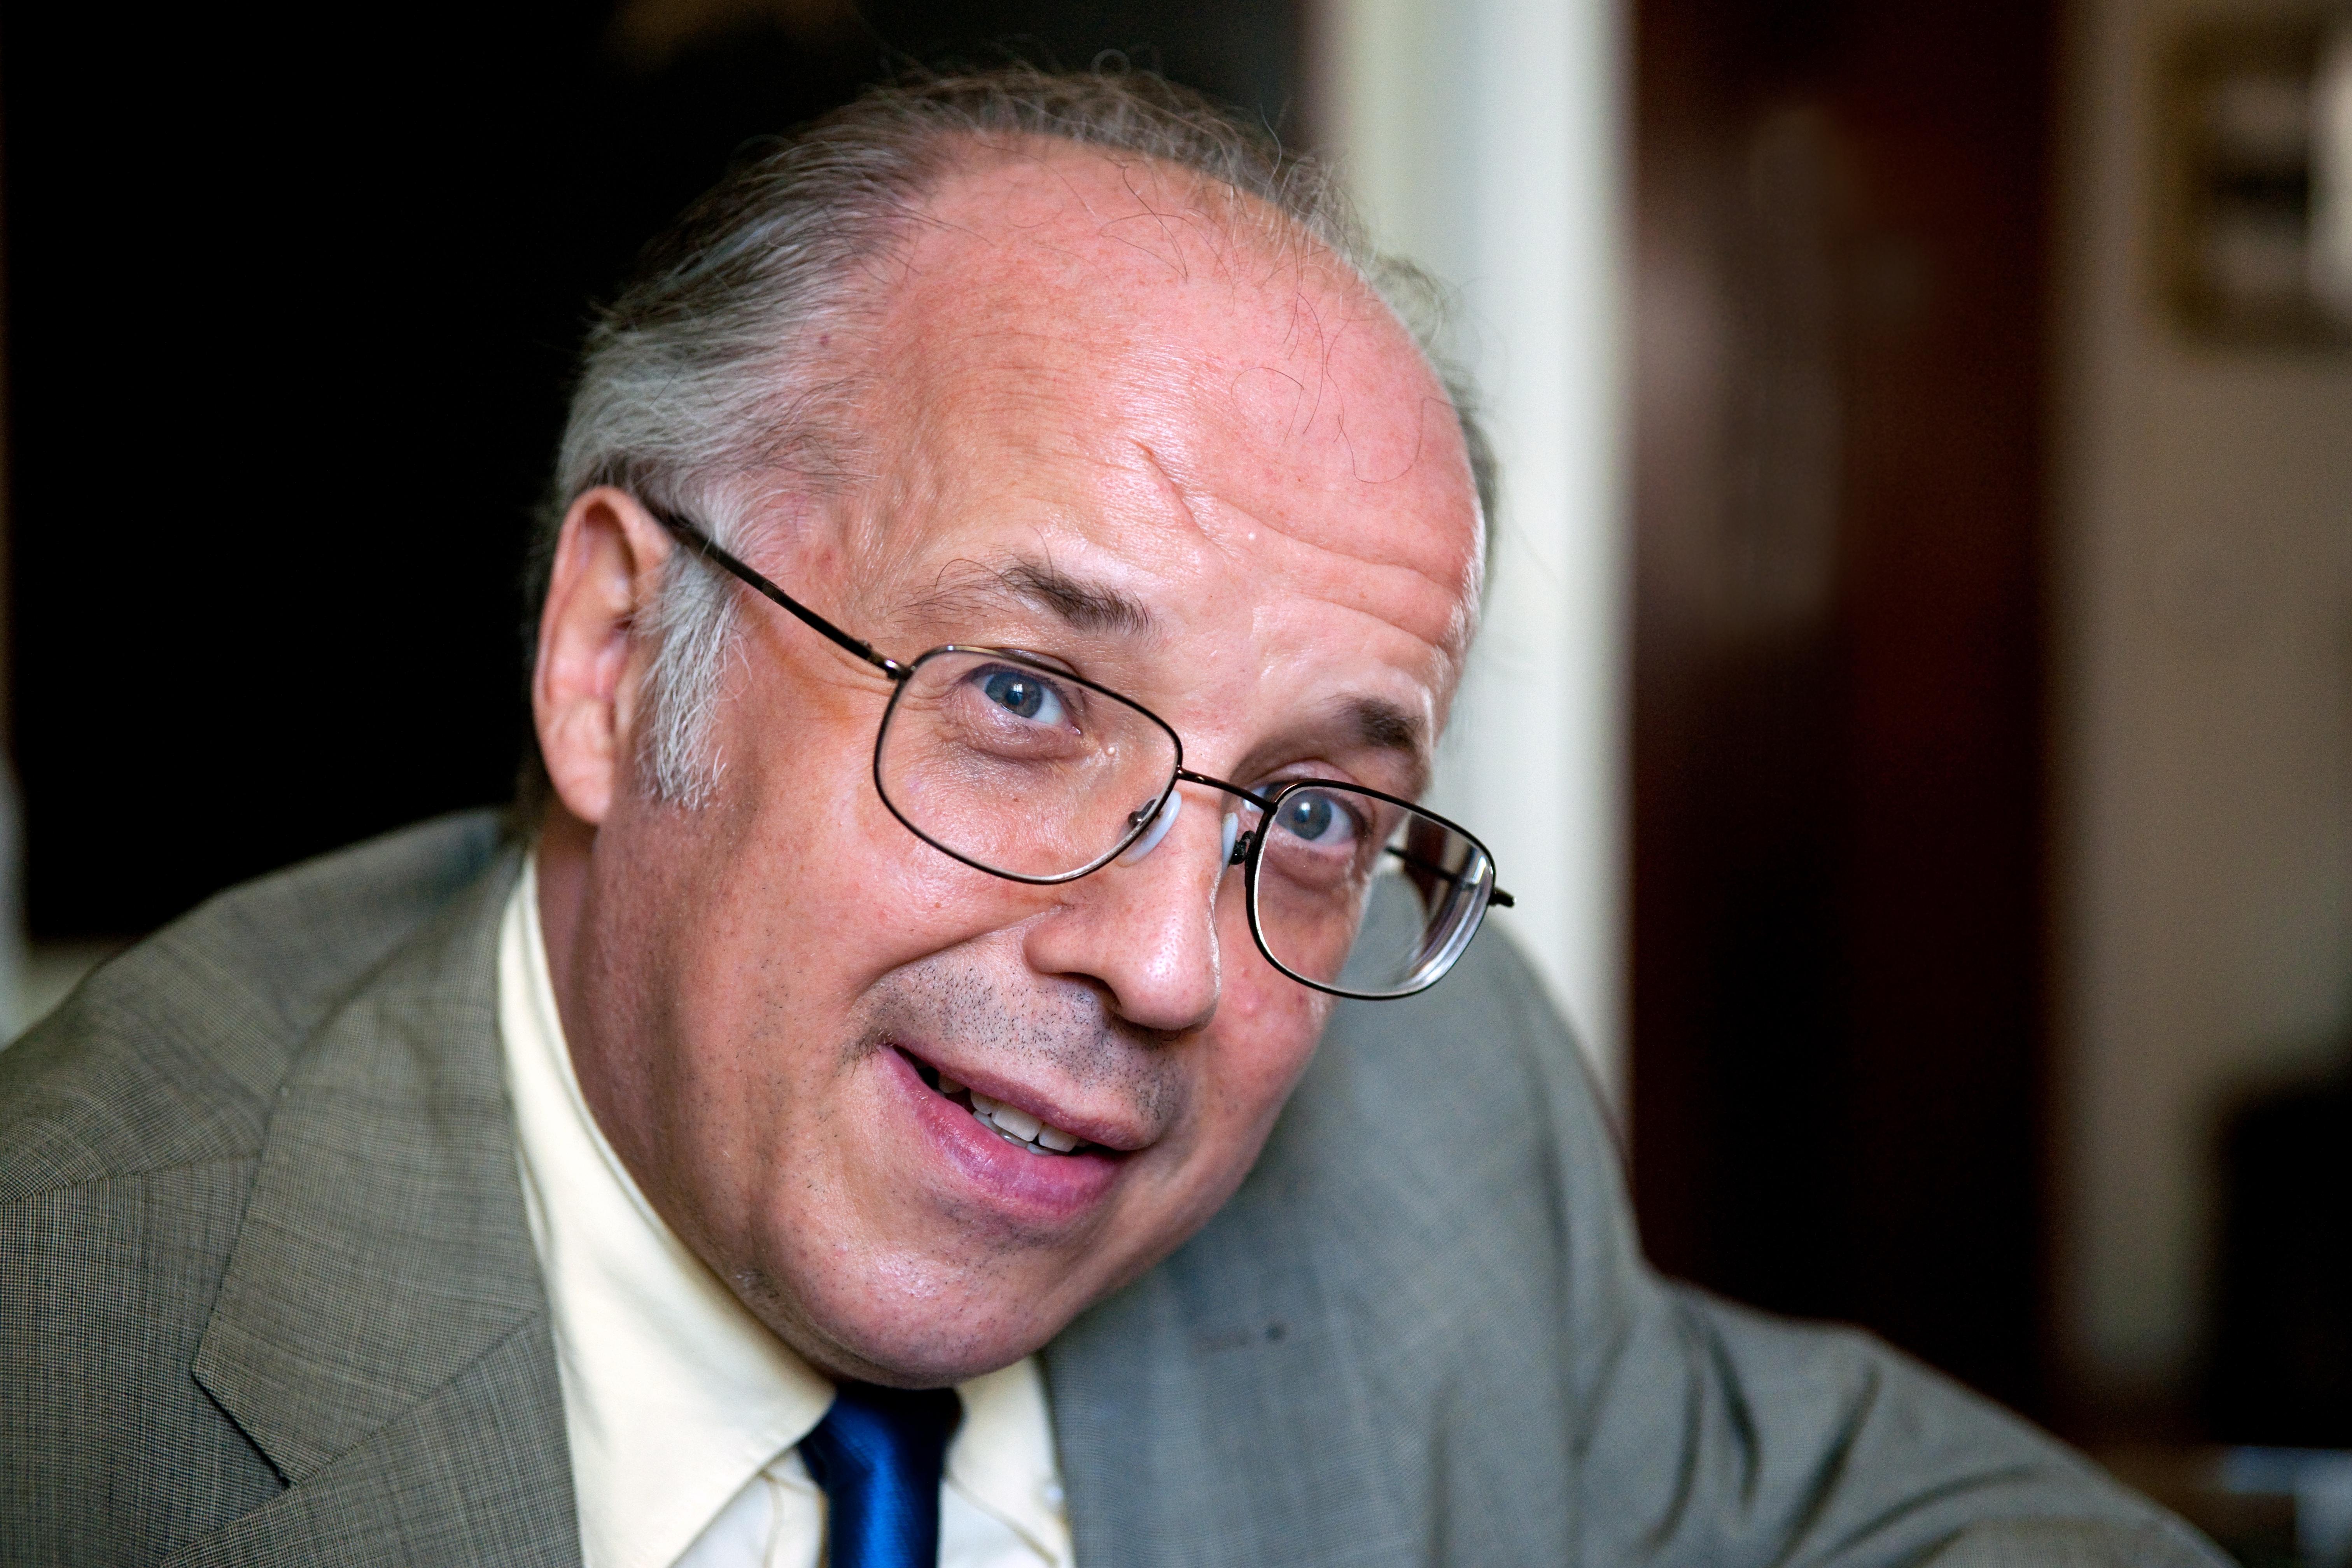 Rafael Roa